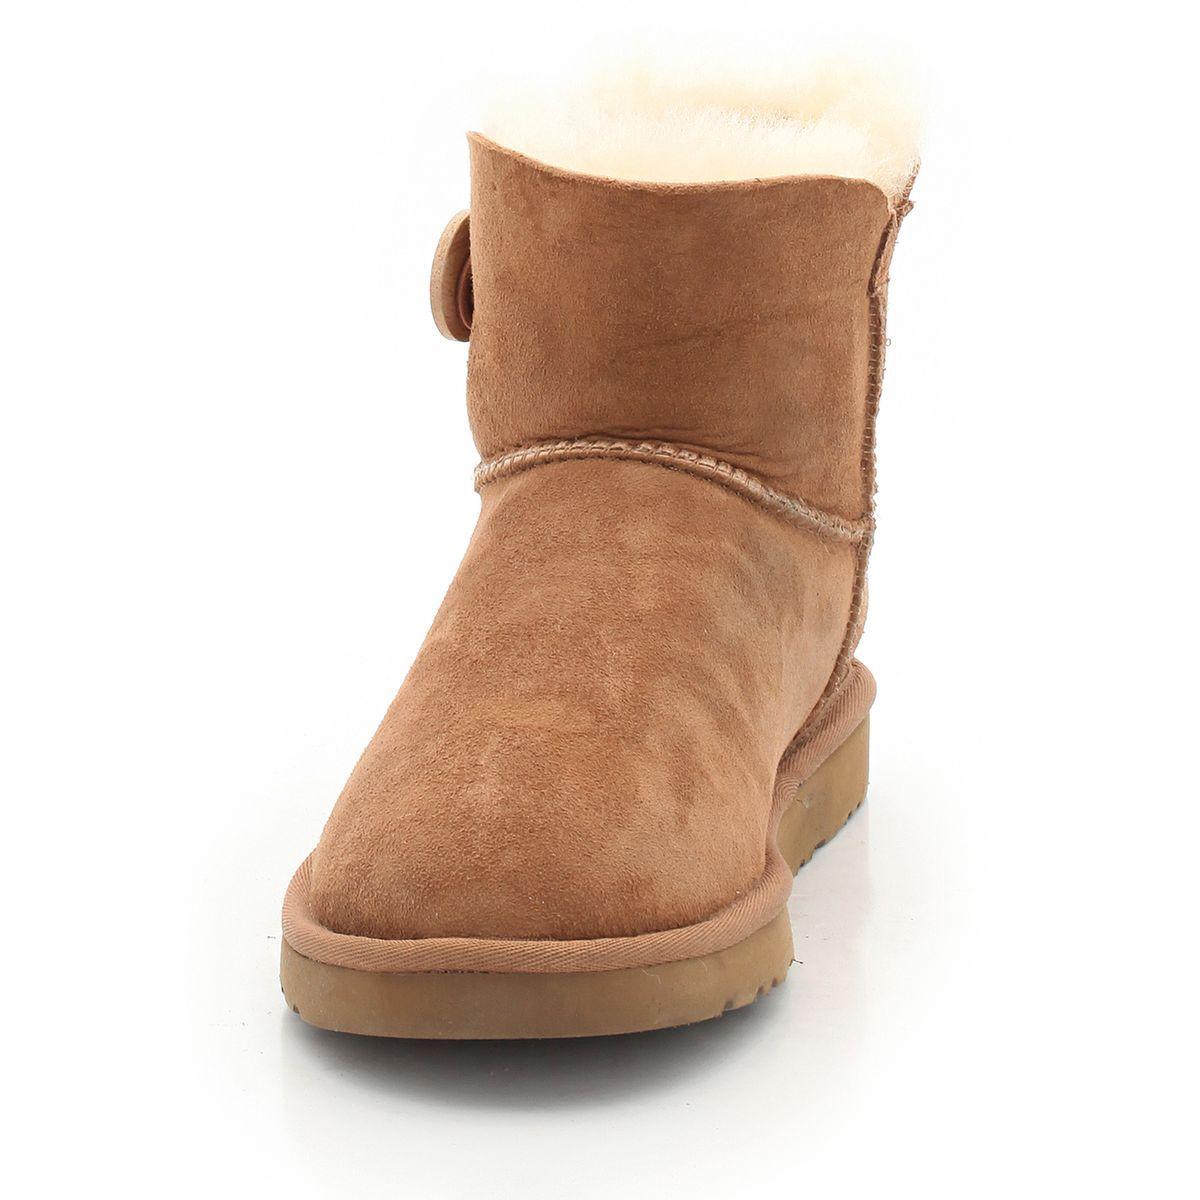 chaussure ugg enfant fille du 32